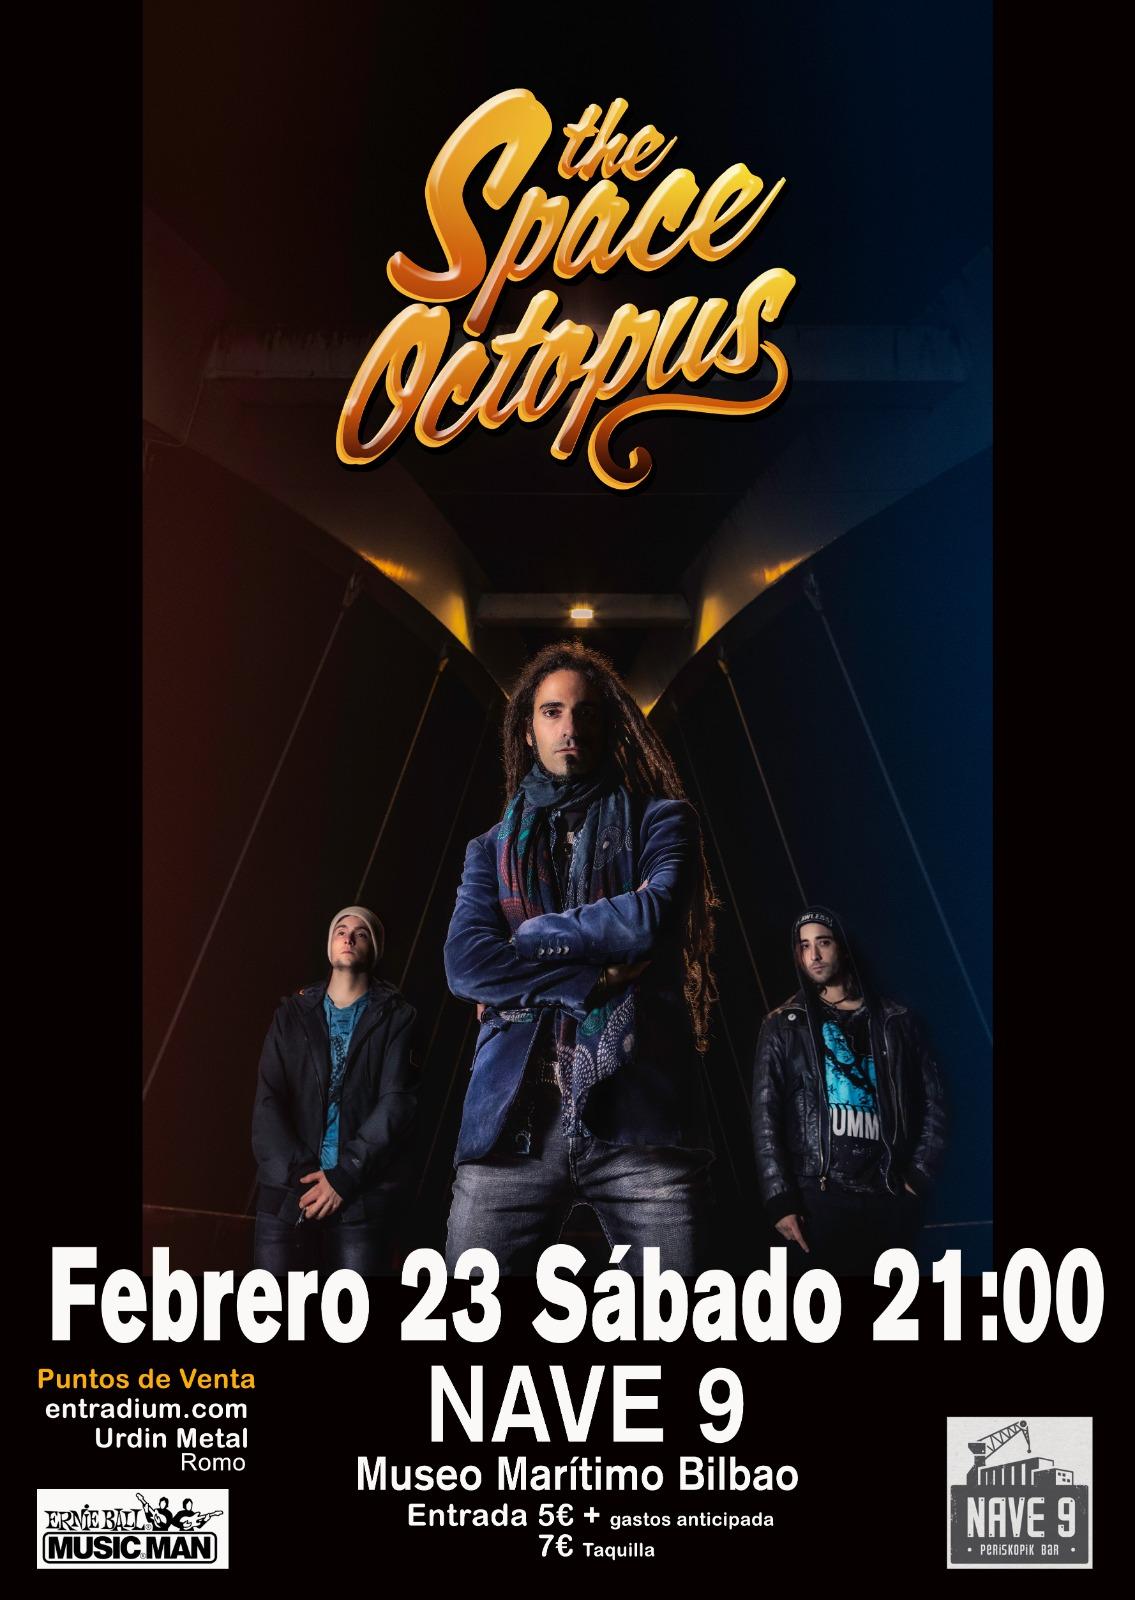 the-space-octopus-concierto-bilbao-febrero-2019